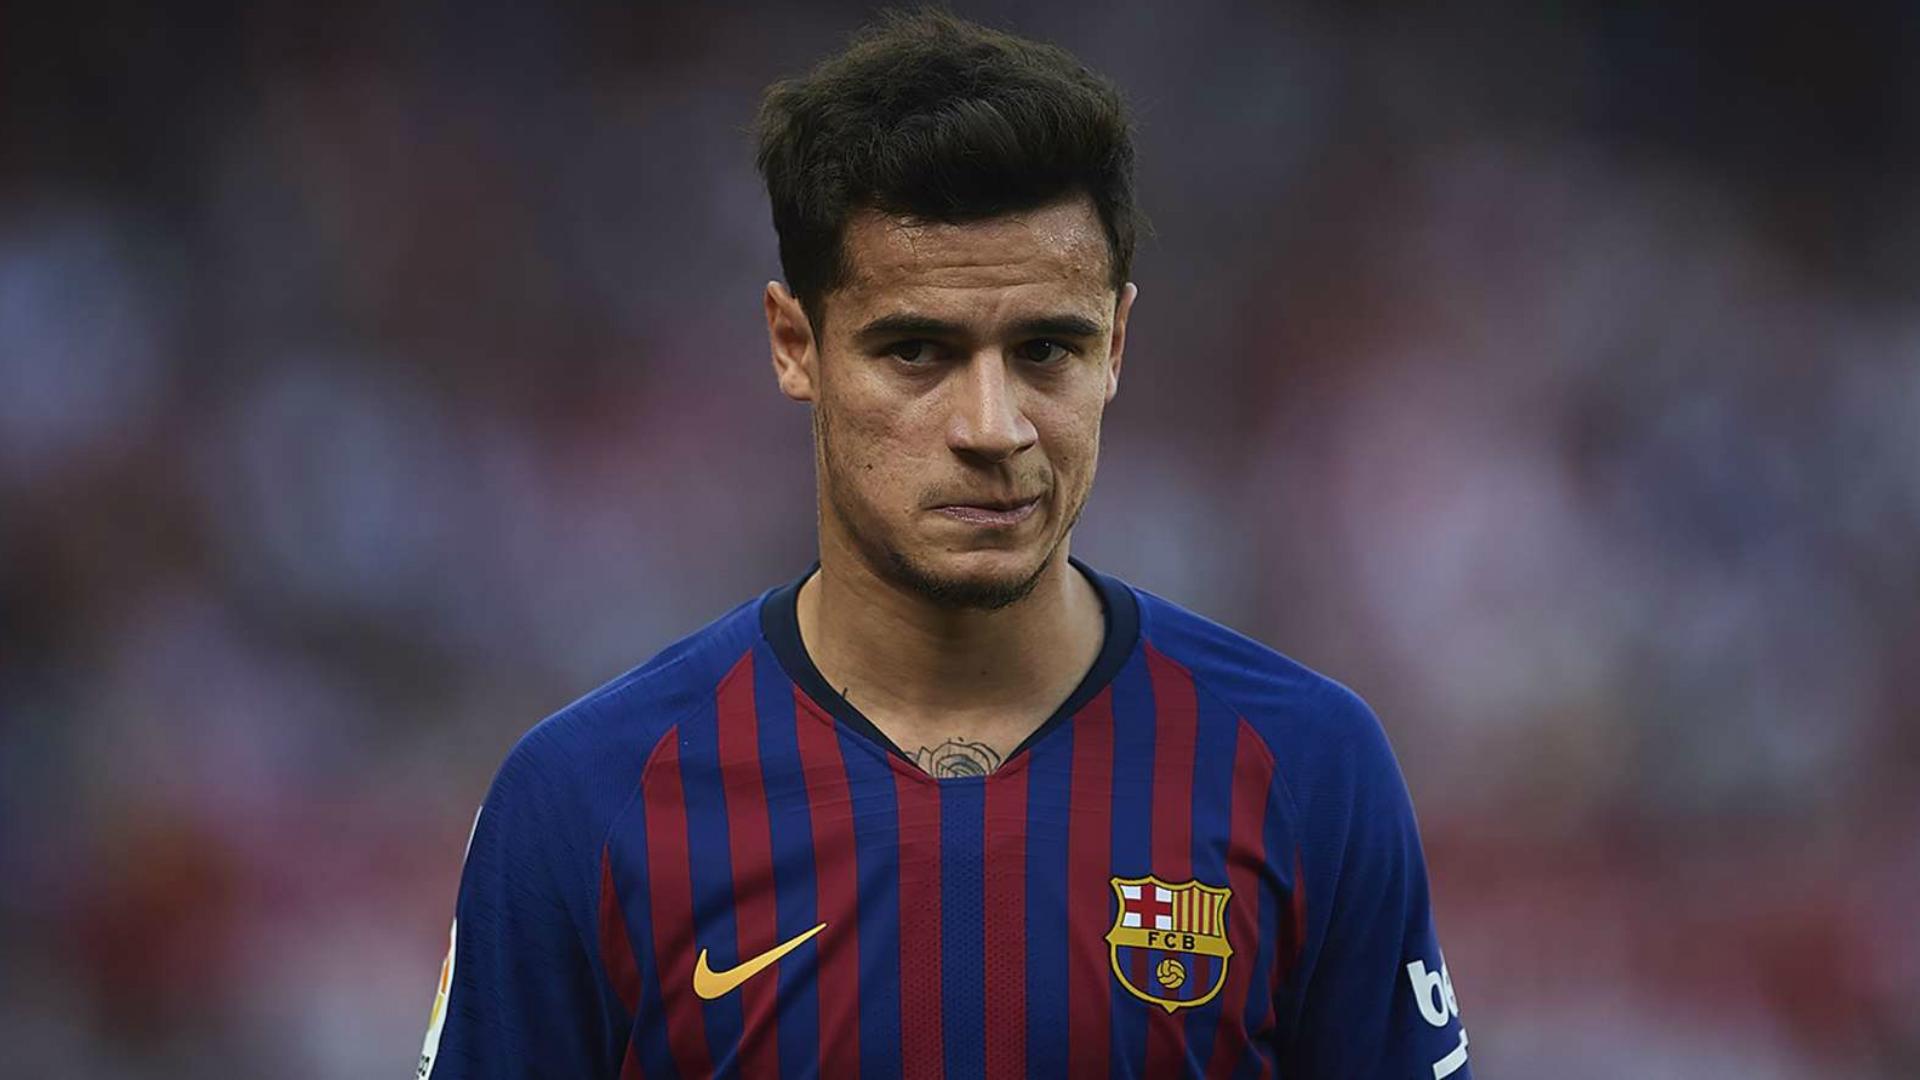 Problèmes pour Barcelone : Coutinho n'ira pas en Premier League, Neymar s'éloigne